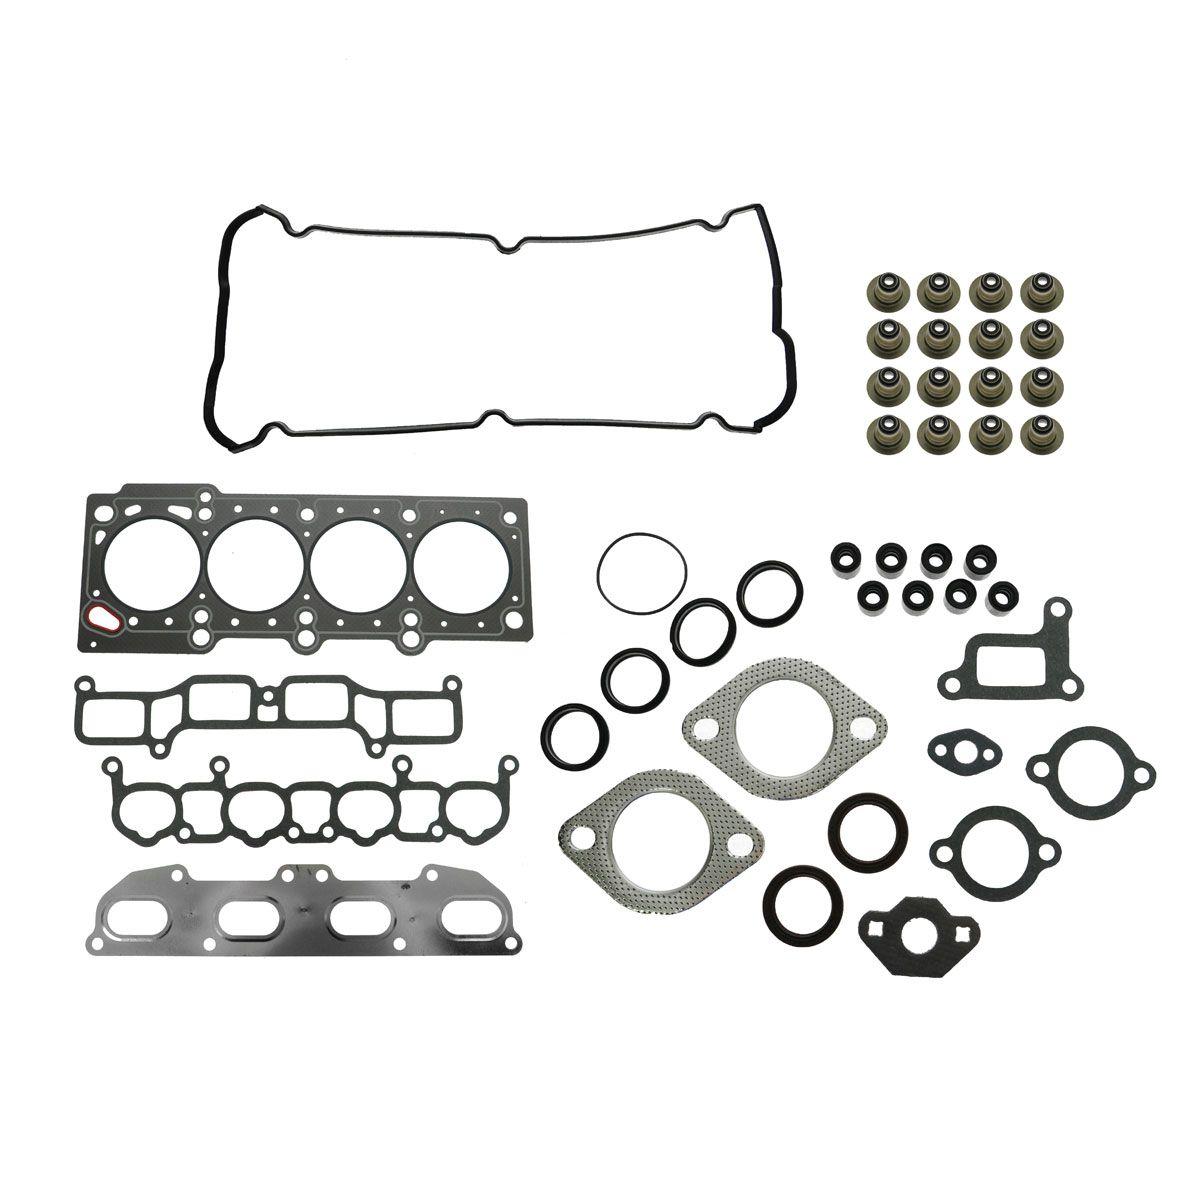 Engine Head Gasket Kit Set NEW For Chrysler Dodge Eagle